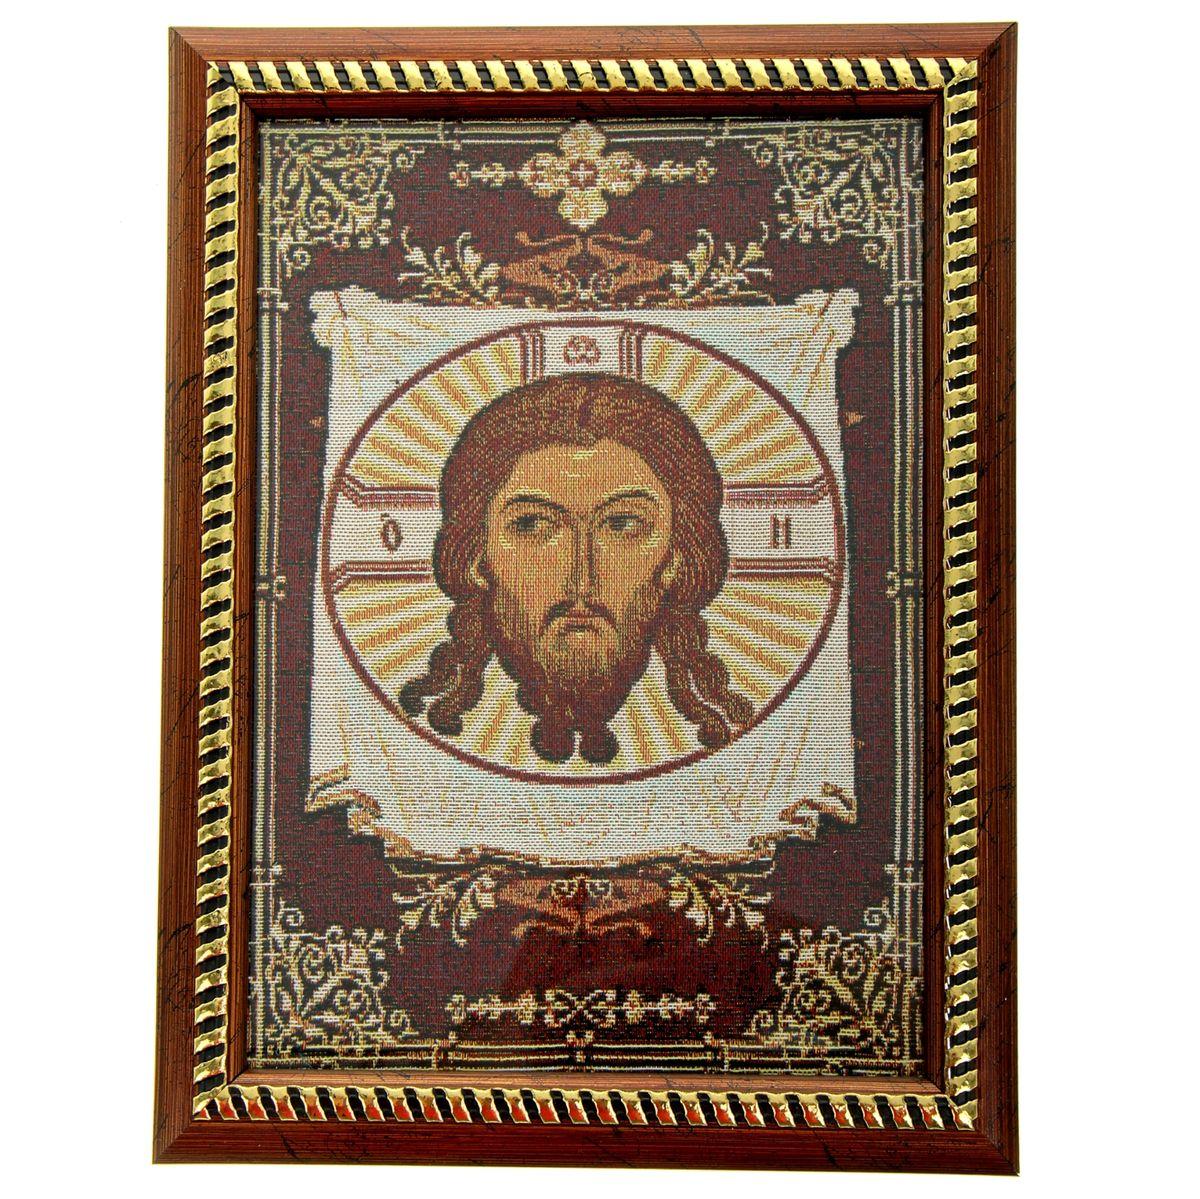 Икона в рамке Спас Нерукотворный, 21 х 27,5 см188553Икона Спас Нерукотворный представляет собой святое изображение, вытканное на ткани и вставленное в деревянную рамку со стеклом. На обратной стороне иконы есть подставка, поэтому удобно располагать такую икону на столе. Икона полностью соответствует канонам Русской Православной Церкви. Икона выглядит по-настоящему богатой. Такая икона будет прекрасным подарком с духовной составляющей.